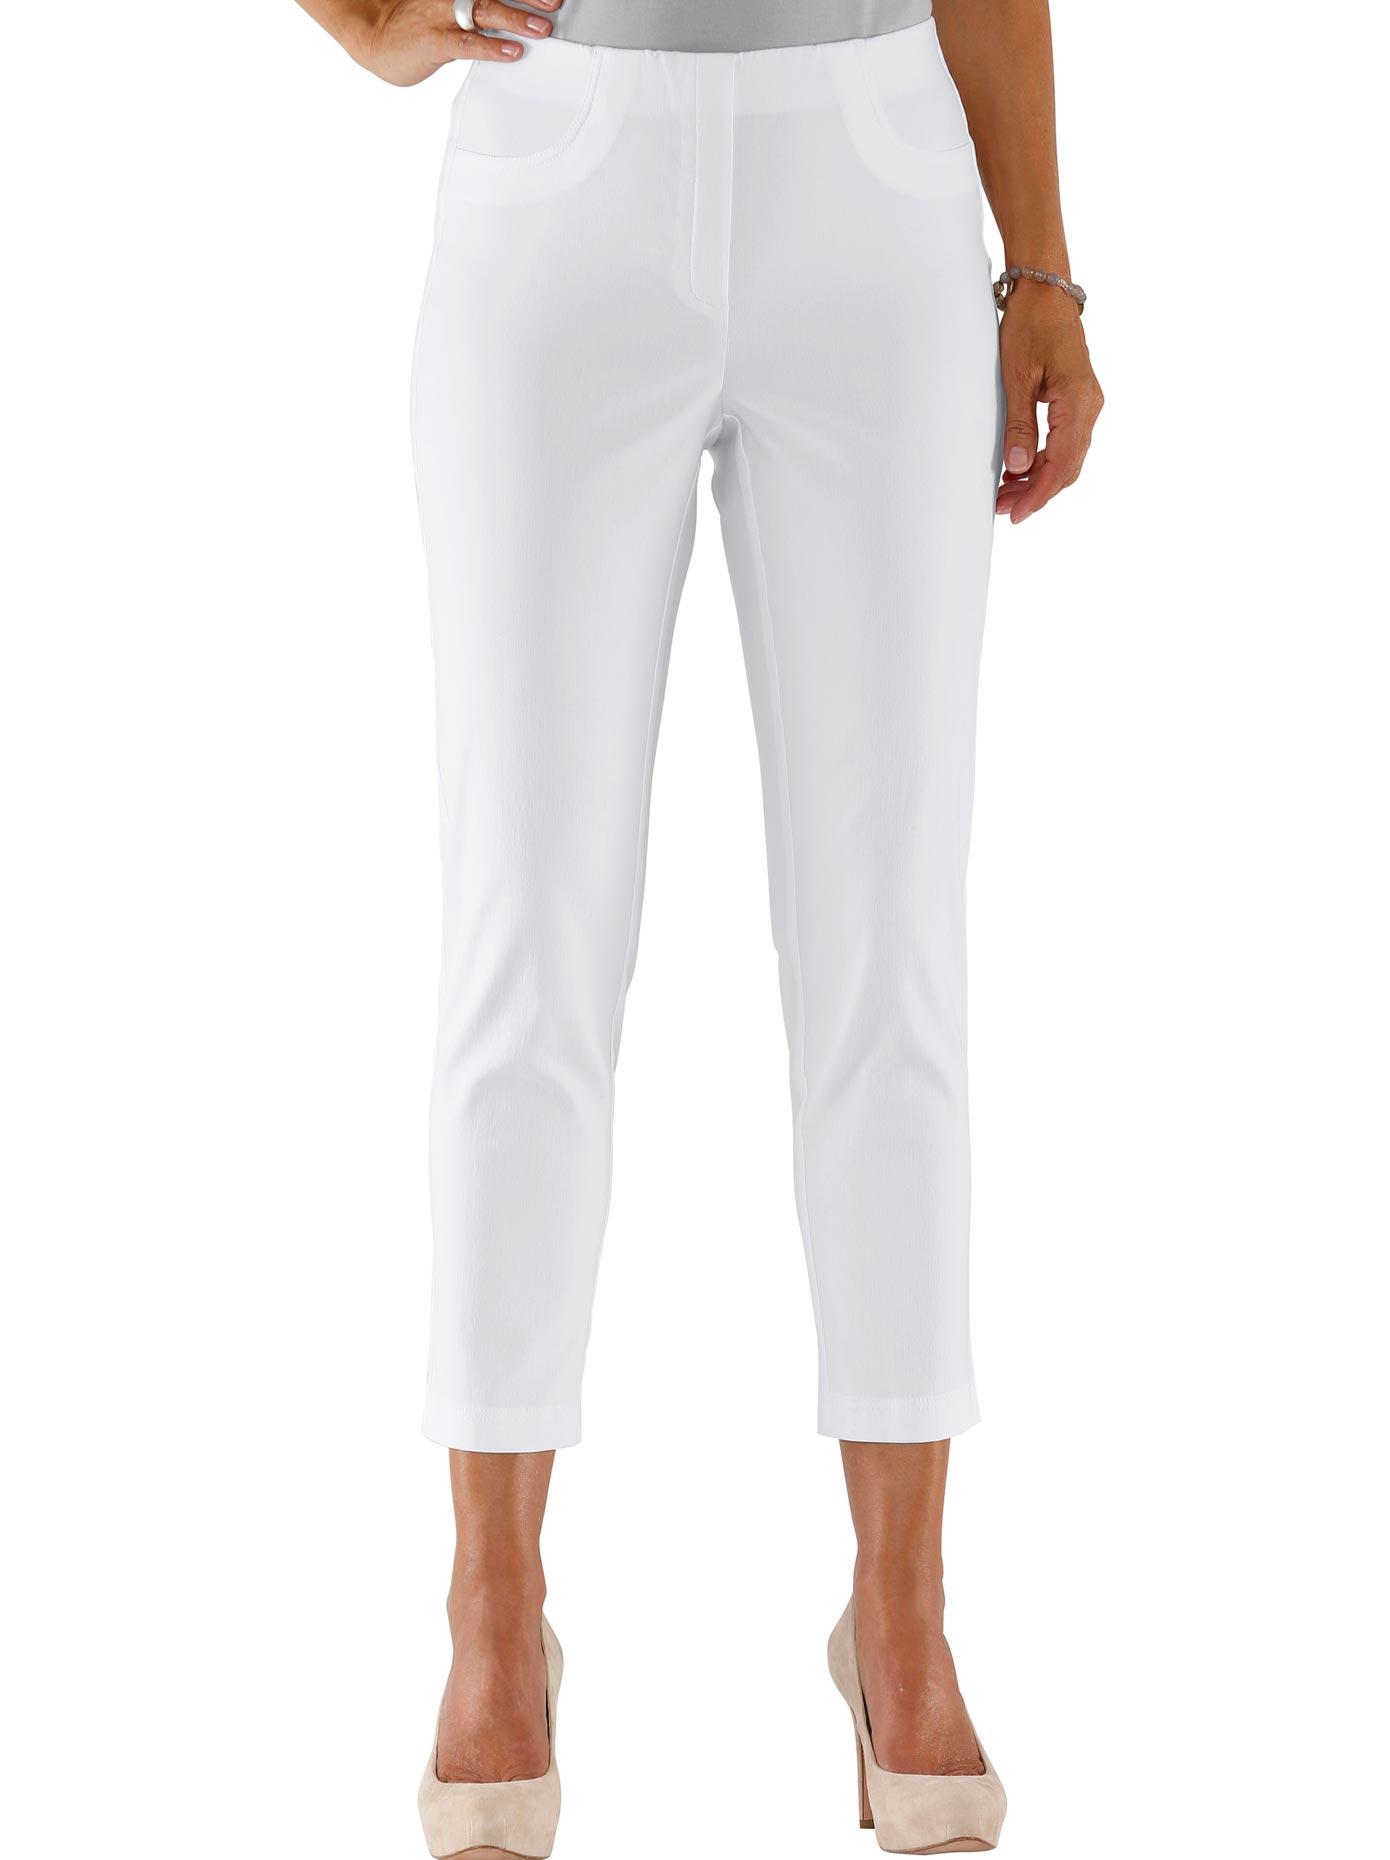 Lady 7/8-Hose in hochwertiger Bengalin-Qualität | Bekleidung > Hosen > 7/8-Hosen | Weiß | Lady